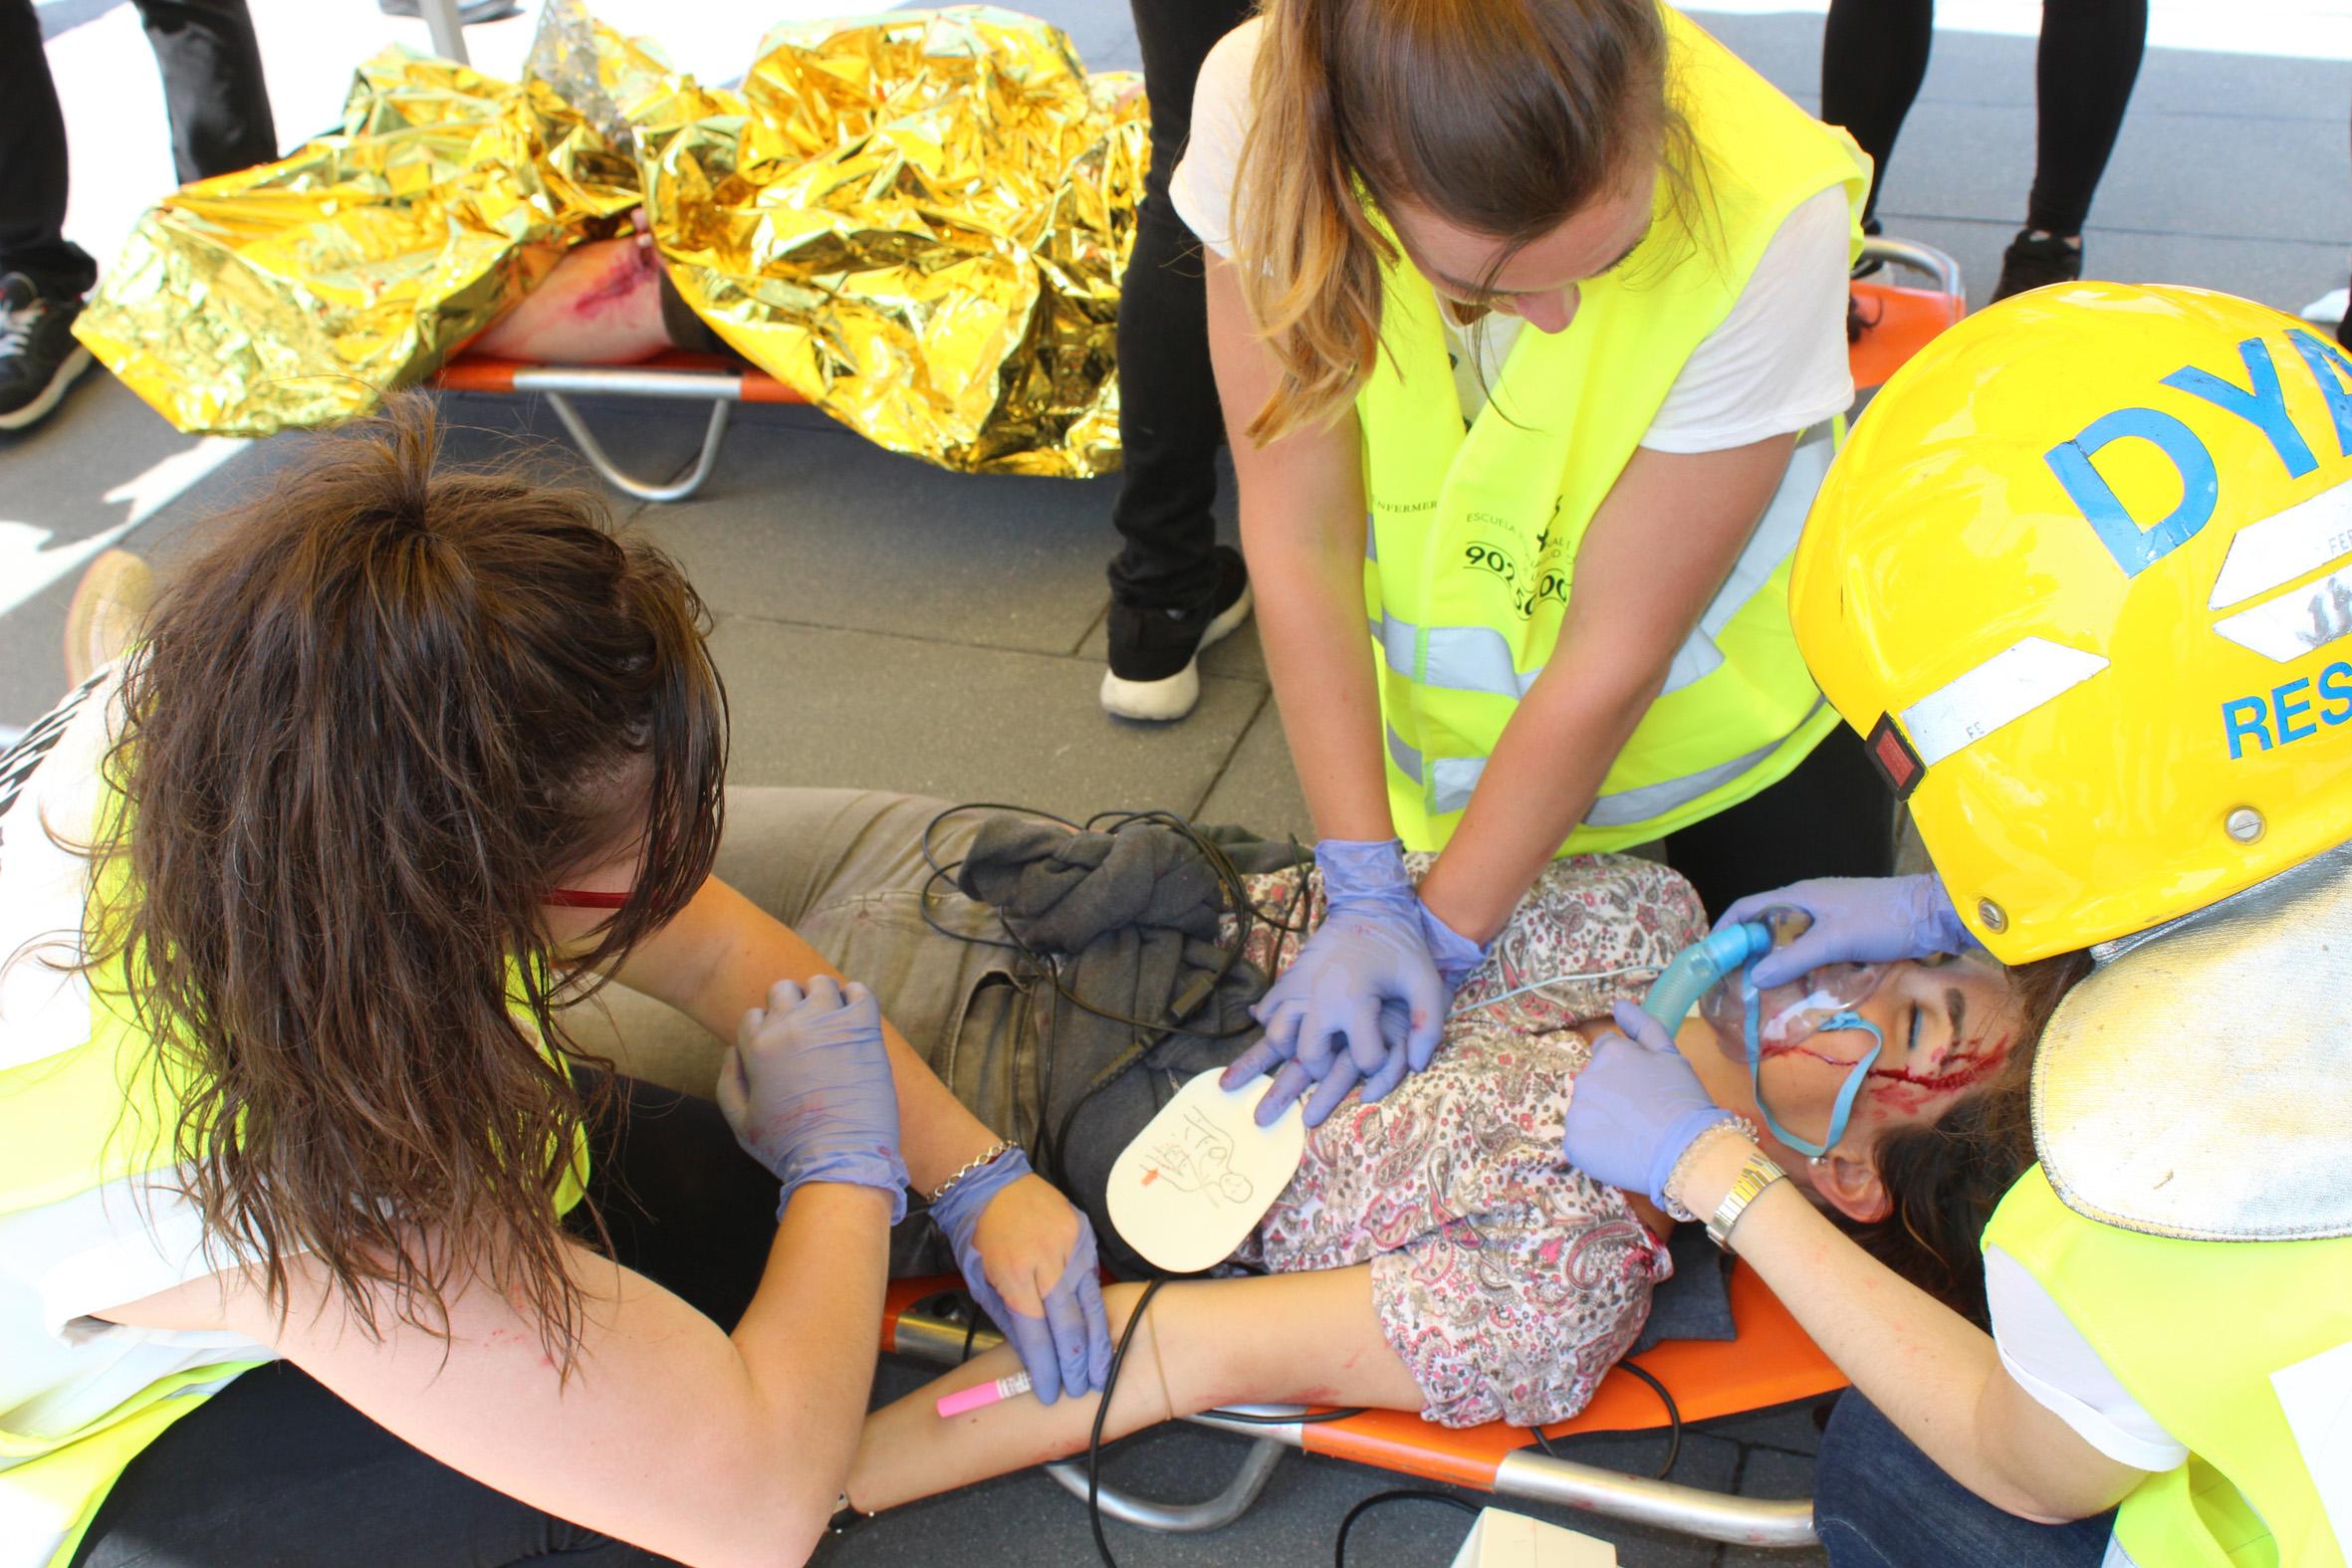 Un simulacro de atentado terrorista pone a prueba a enfermeros navarros